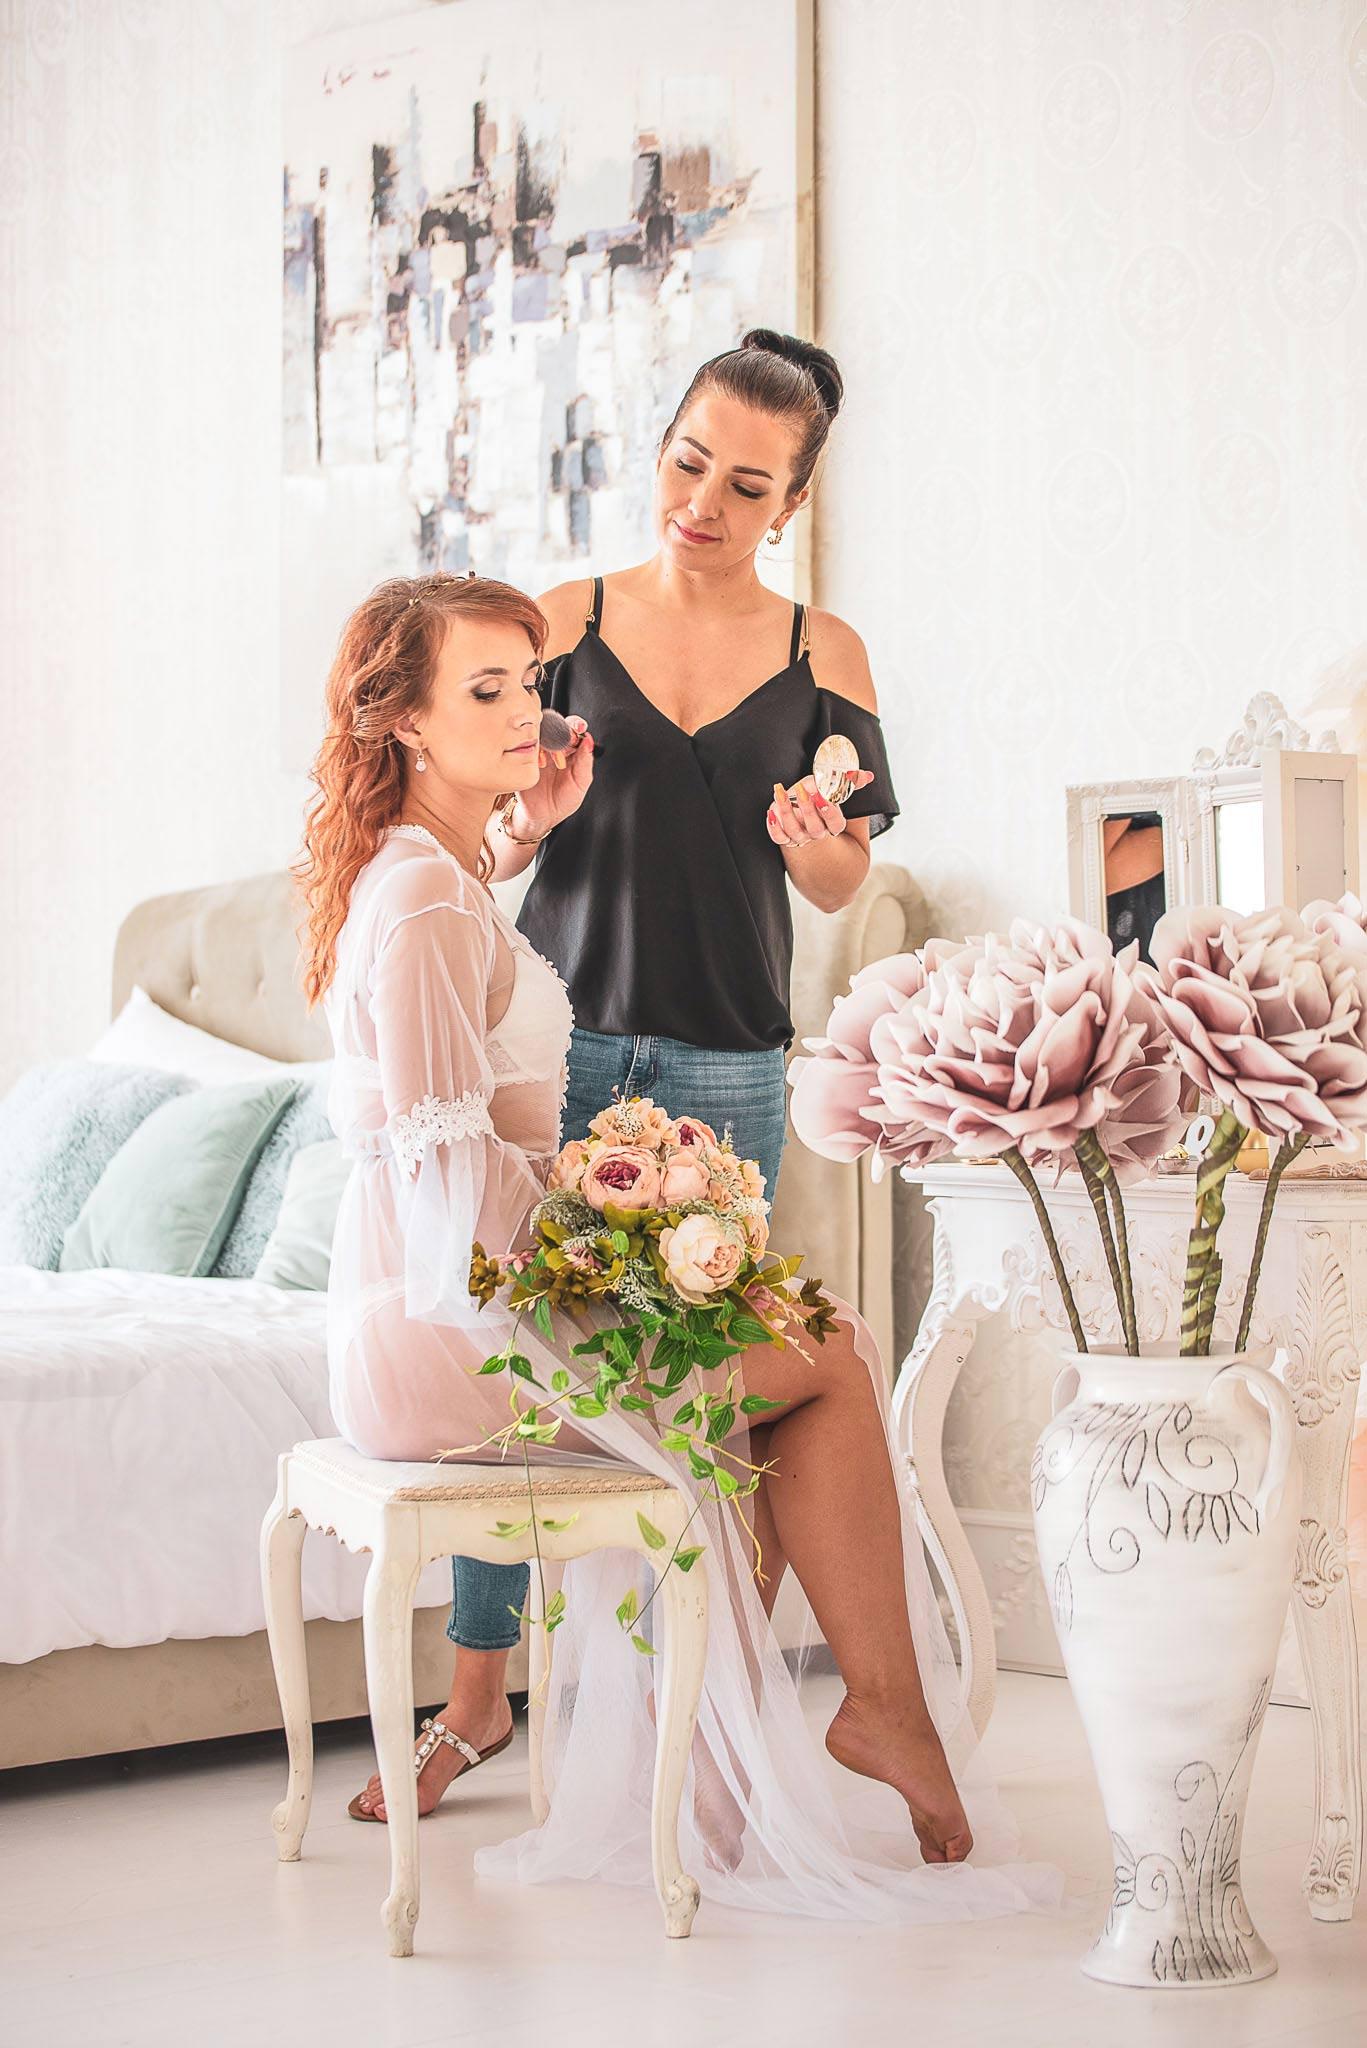 Pruudimeigi tegemine pulmafotograaf ja pulmavideo